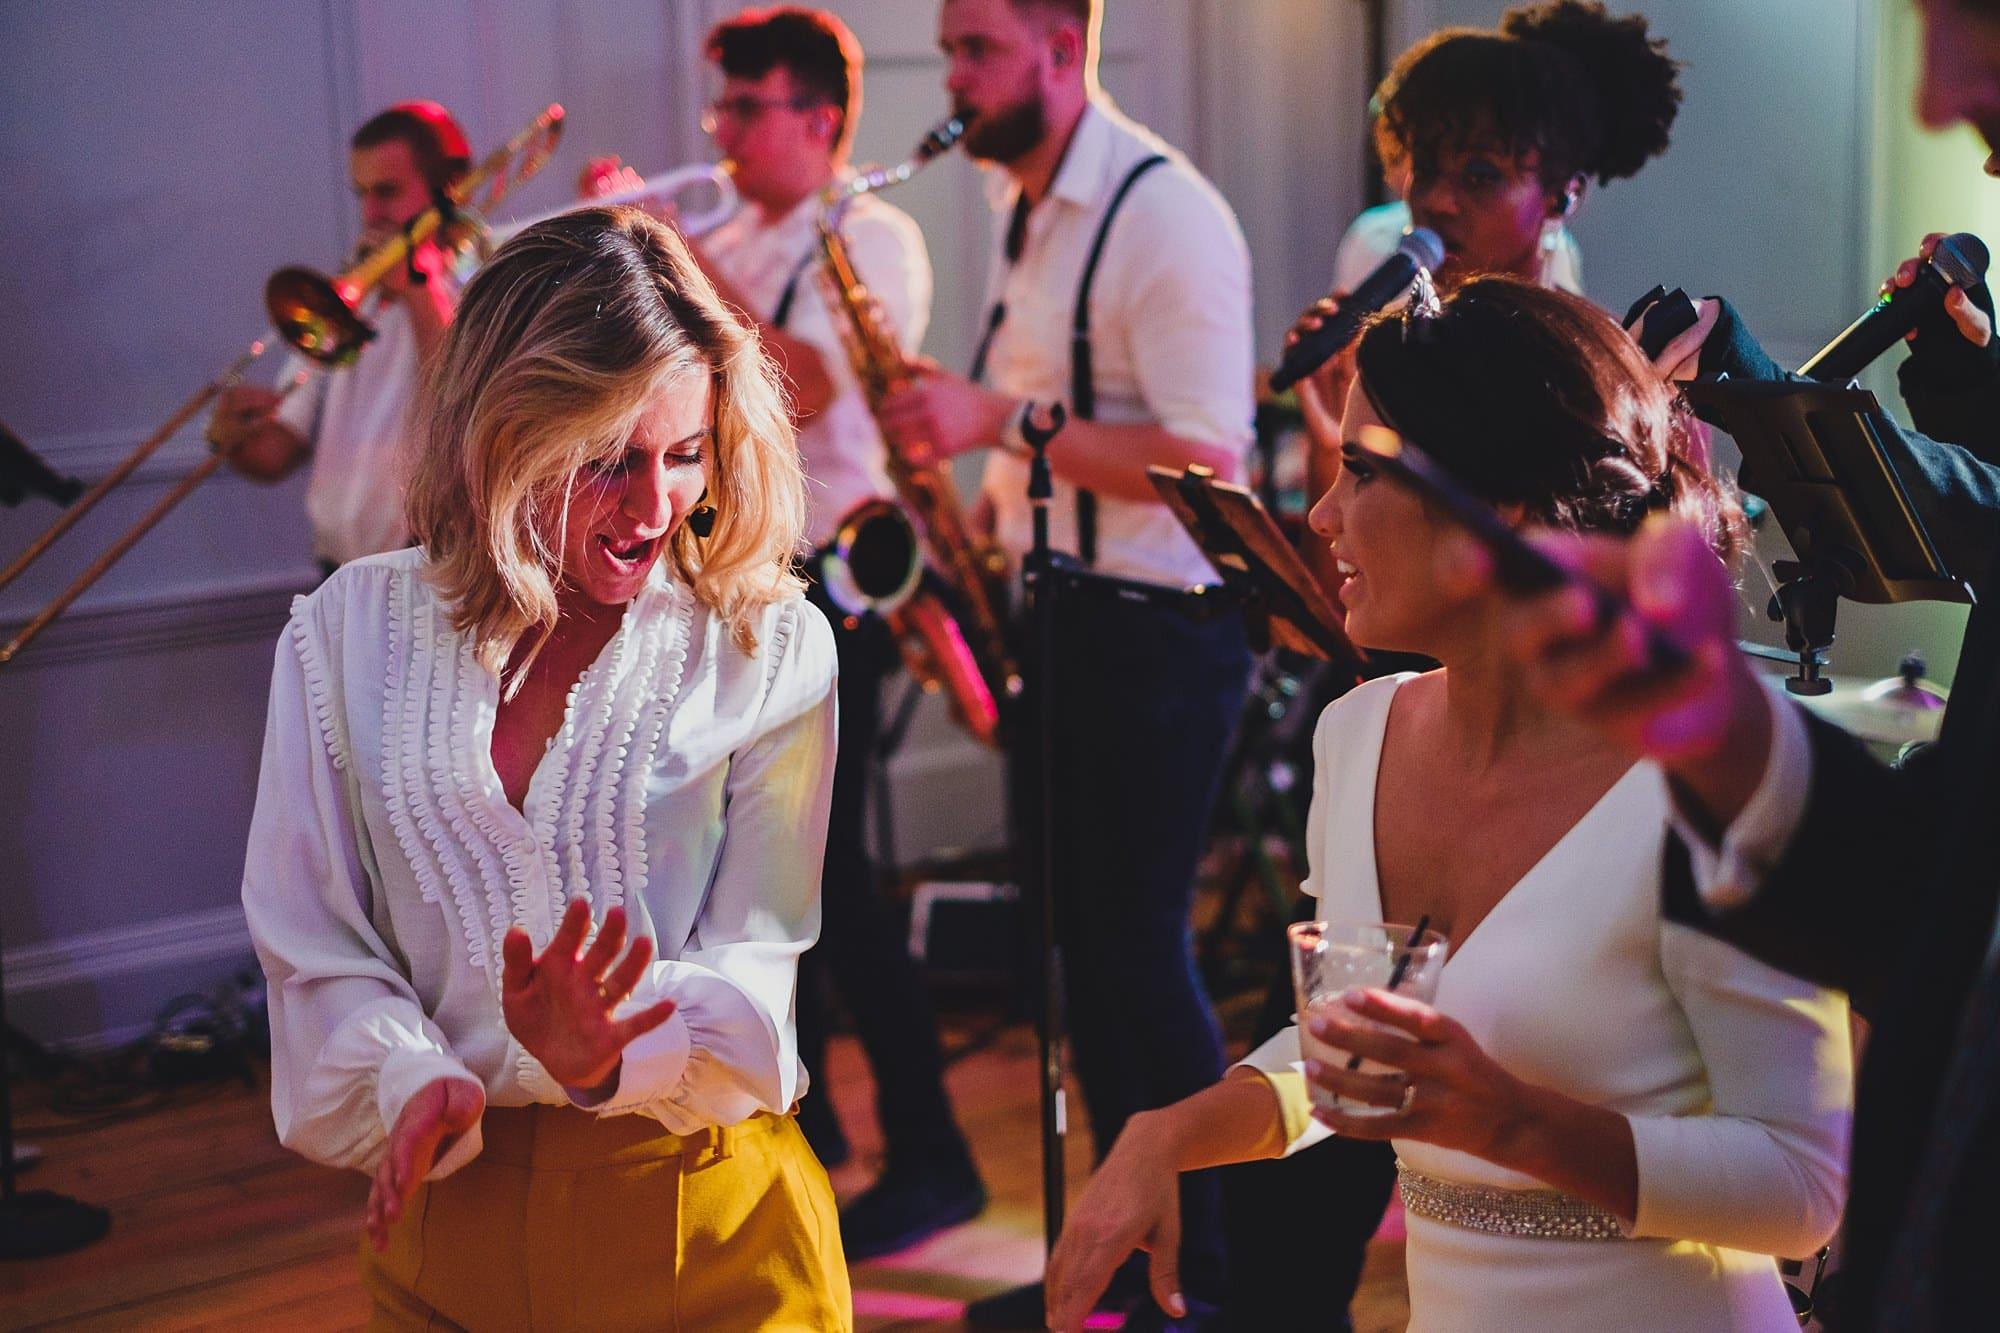 fulham palace wedding photographer ok 117 - Olivia + Kyle